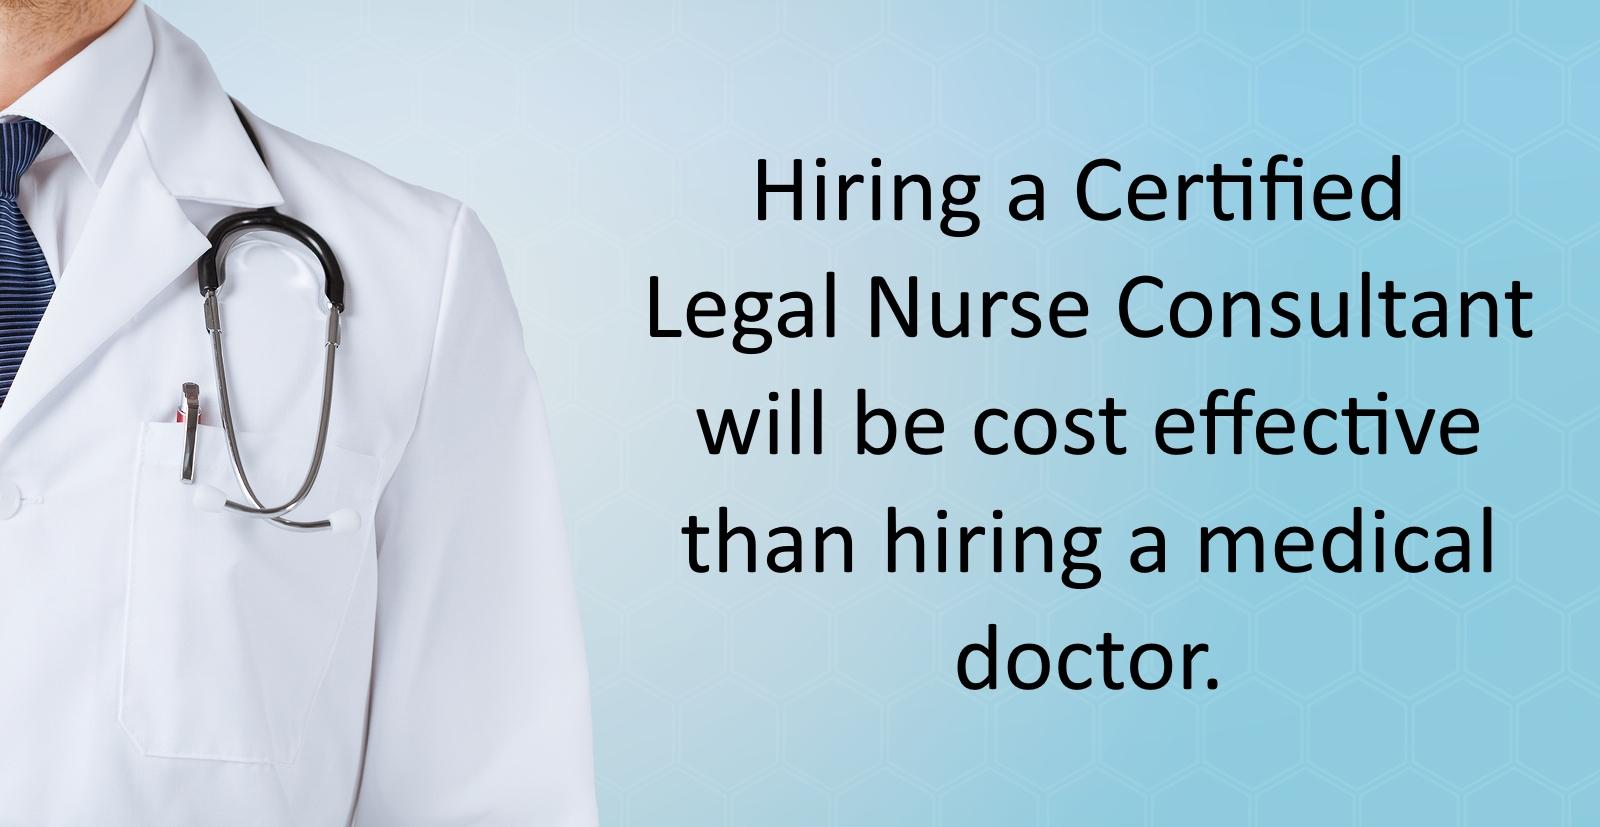 Hiring eagle legal nurse consultant